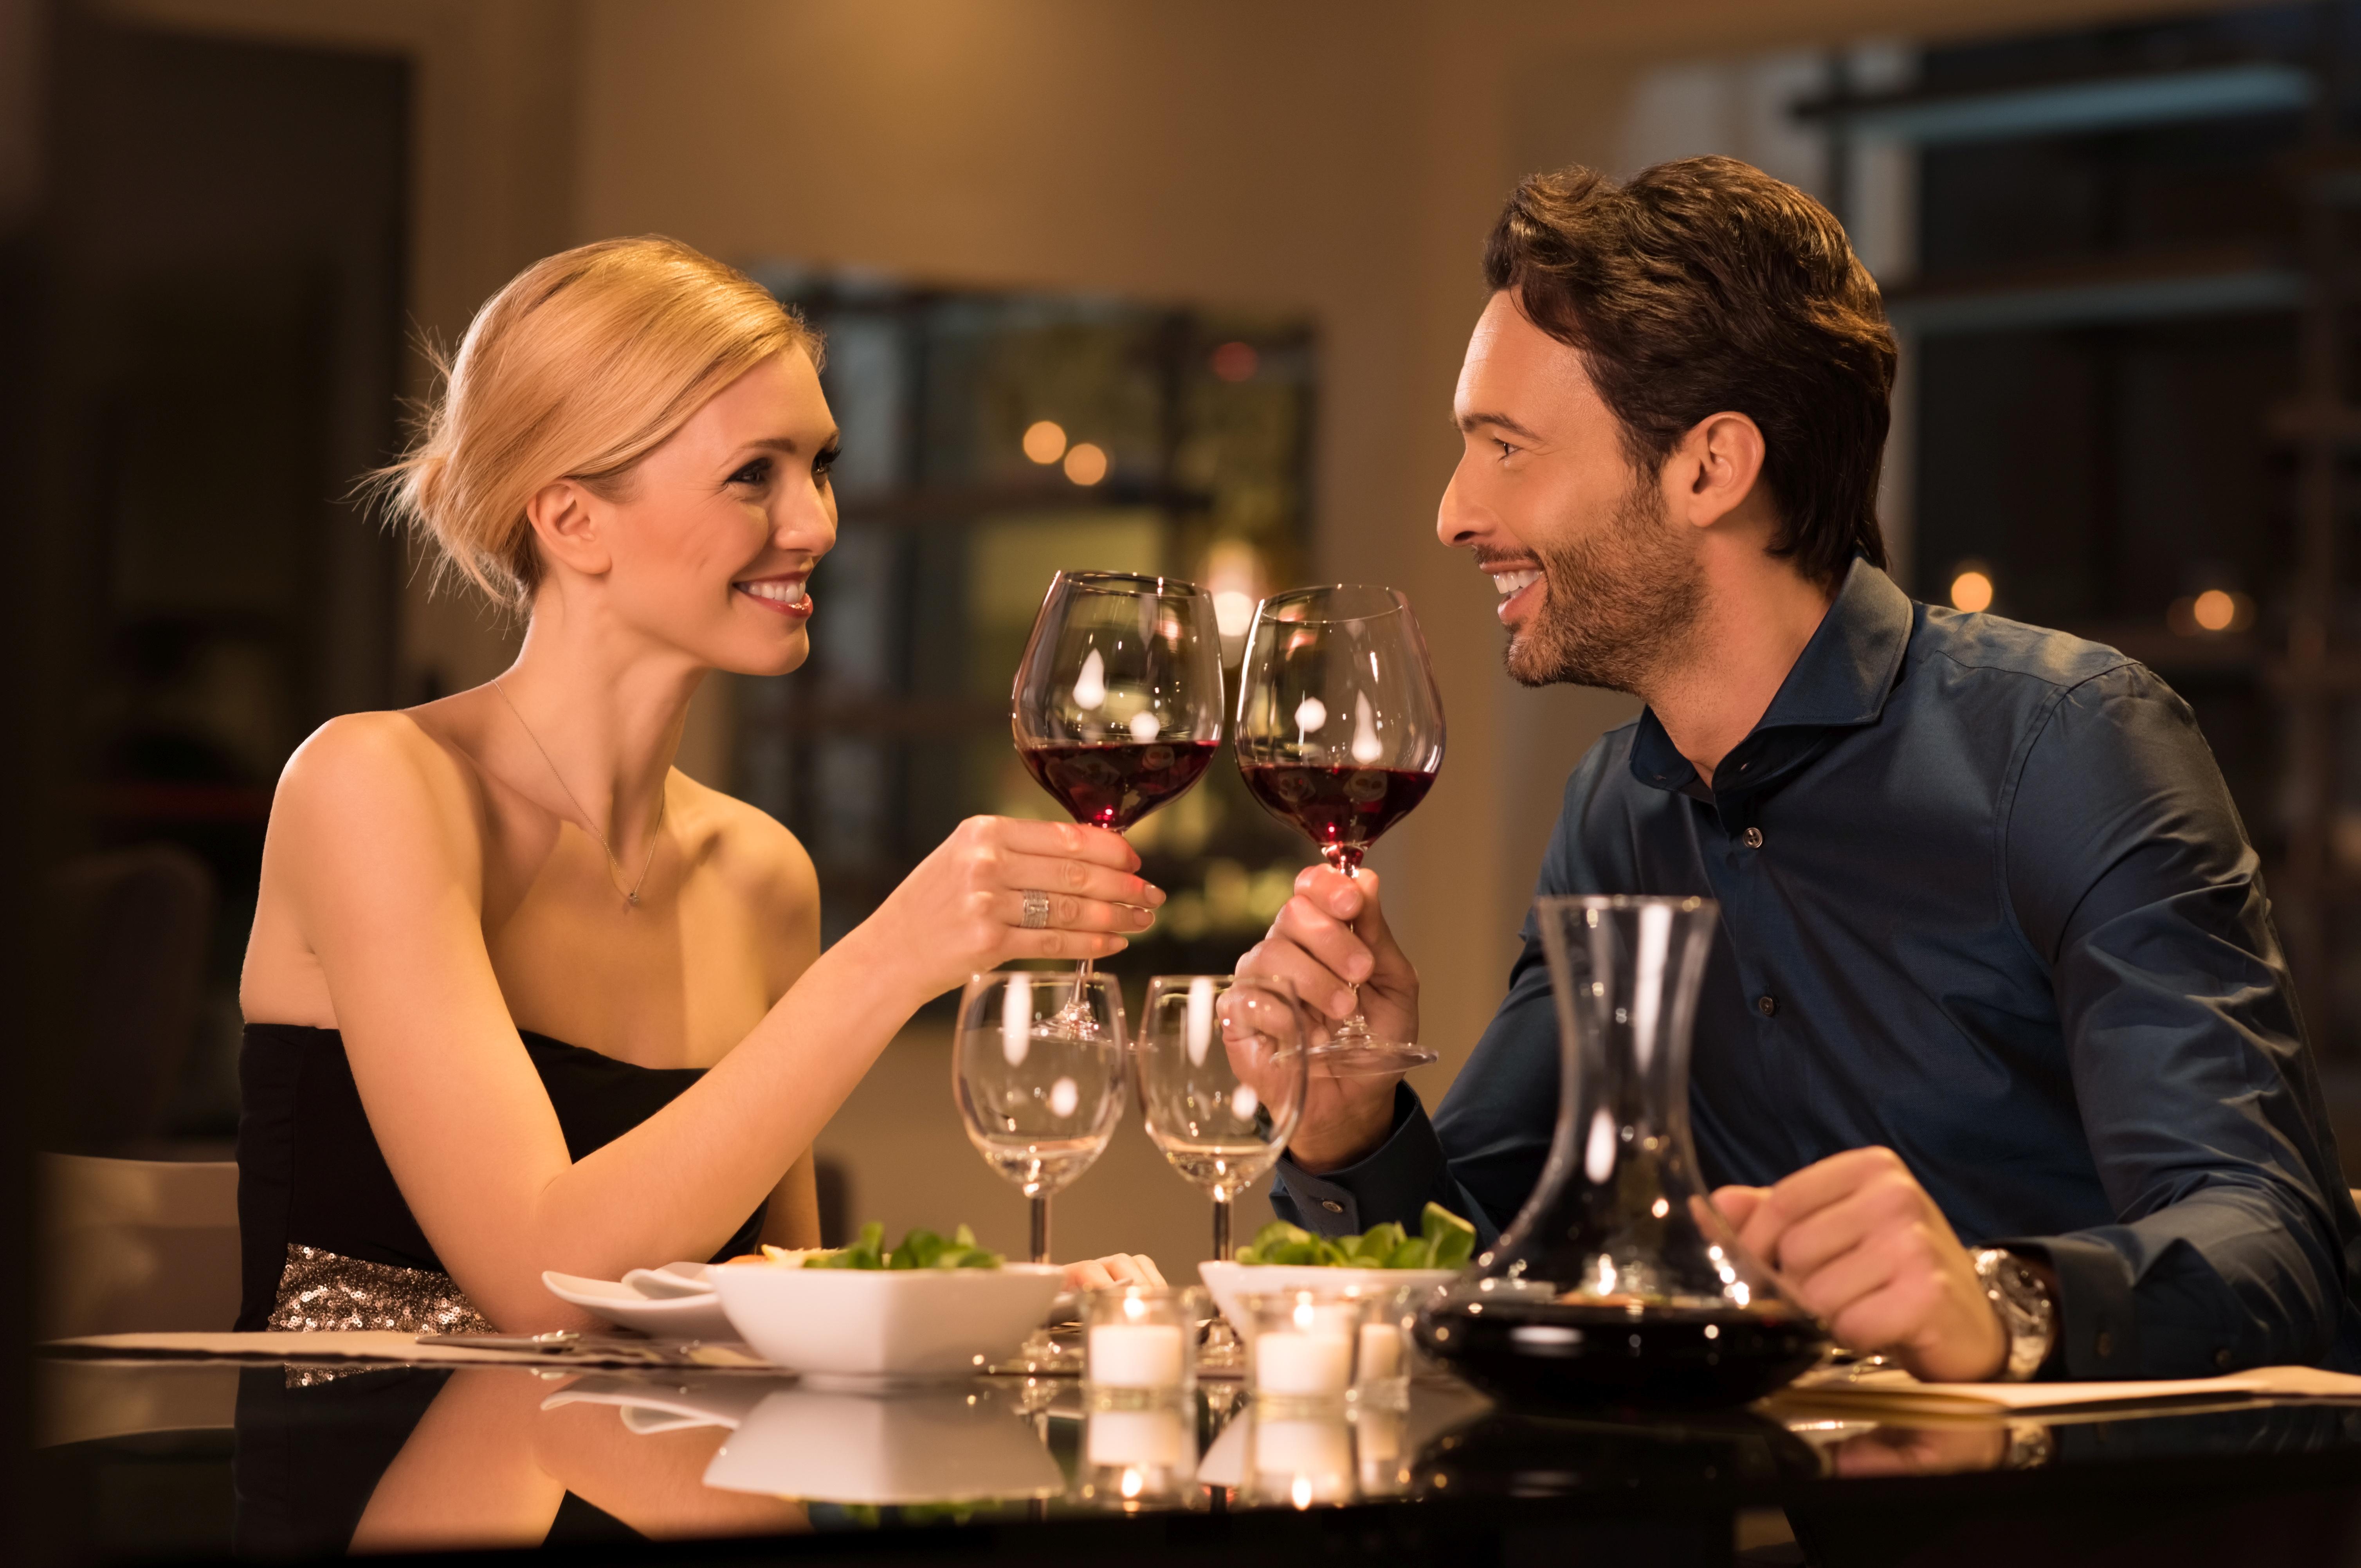 Uzdrawiająca moc wina, czyli jak sobie pomagać bez szkód dla zdrowia?